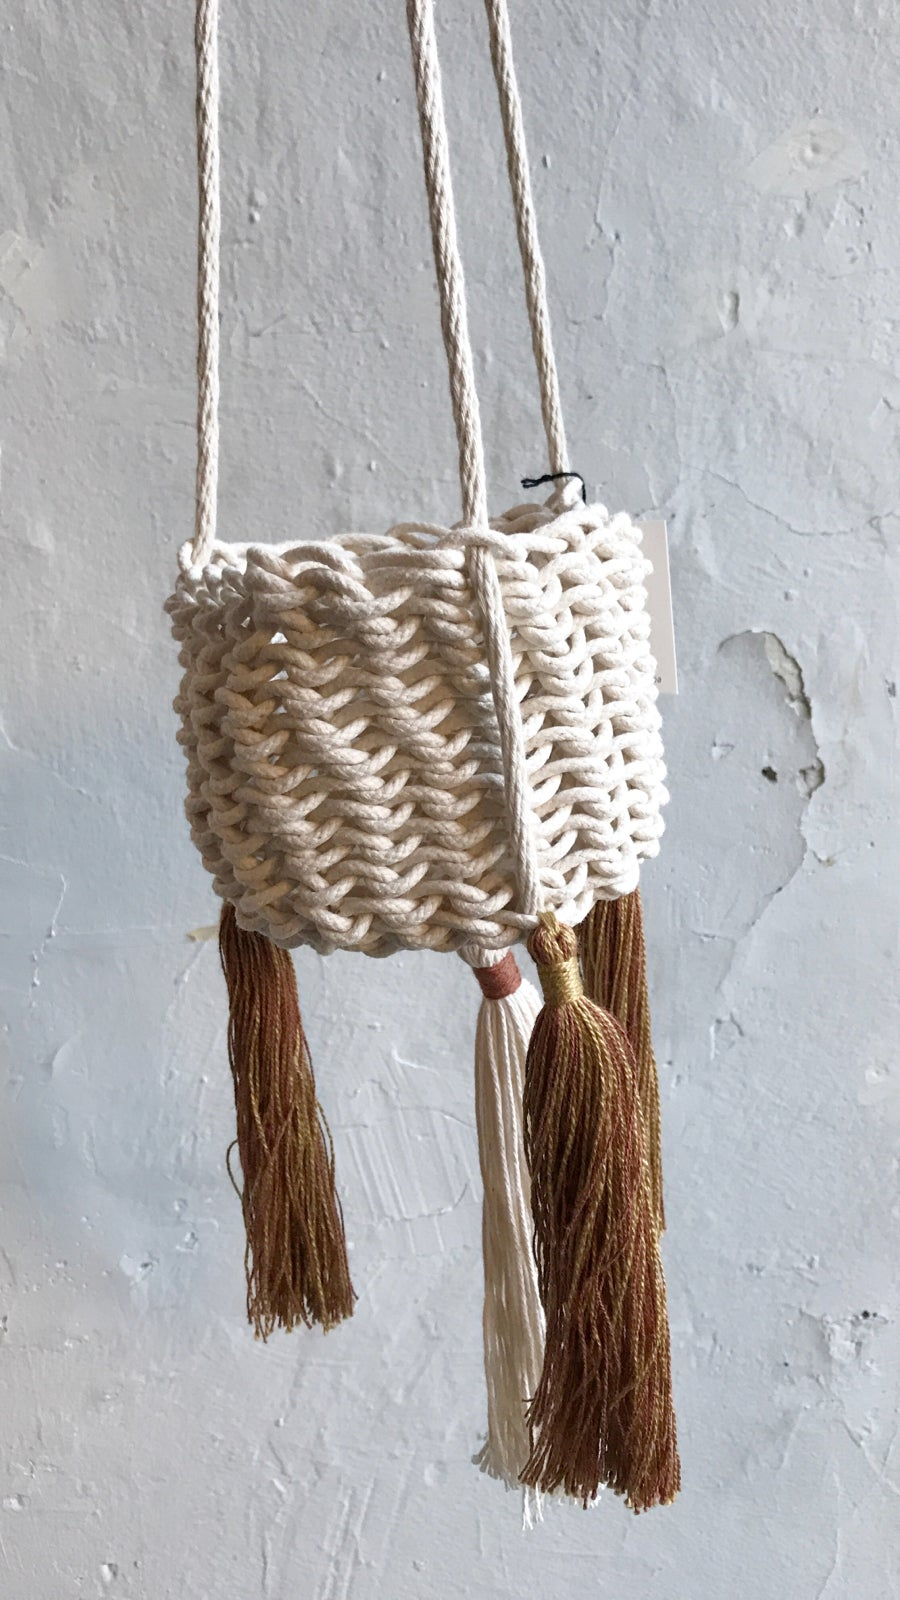 Image of Karen Gayle Tinney Hanging Tassel Basket